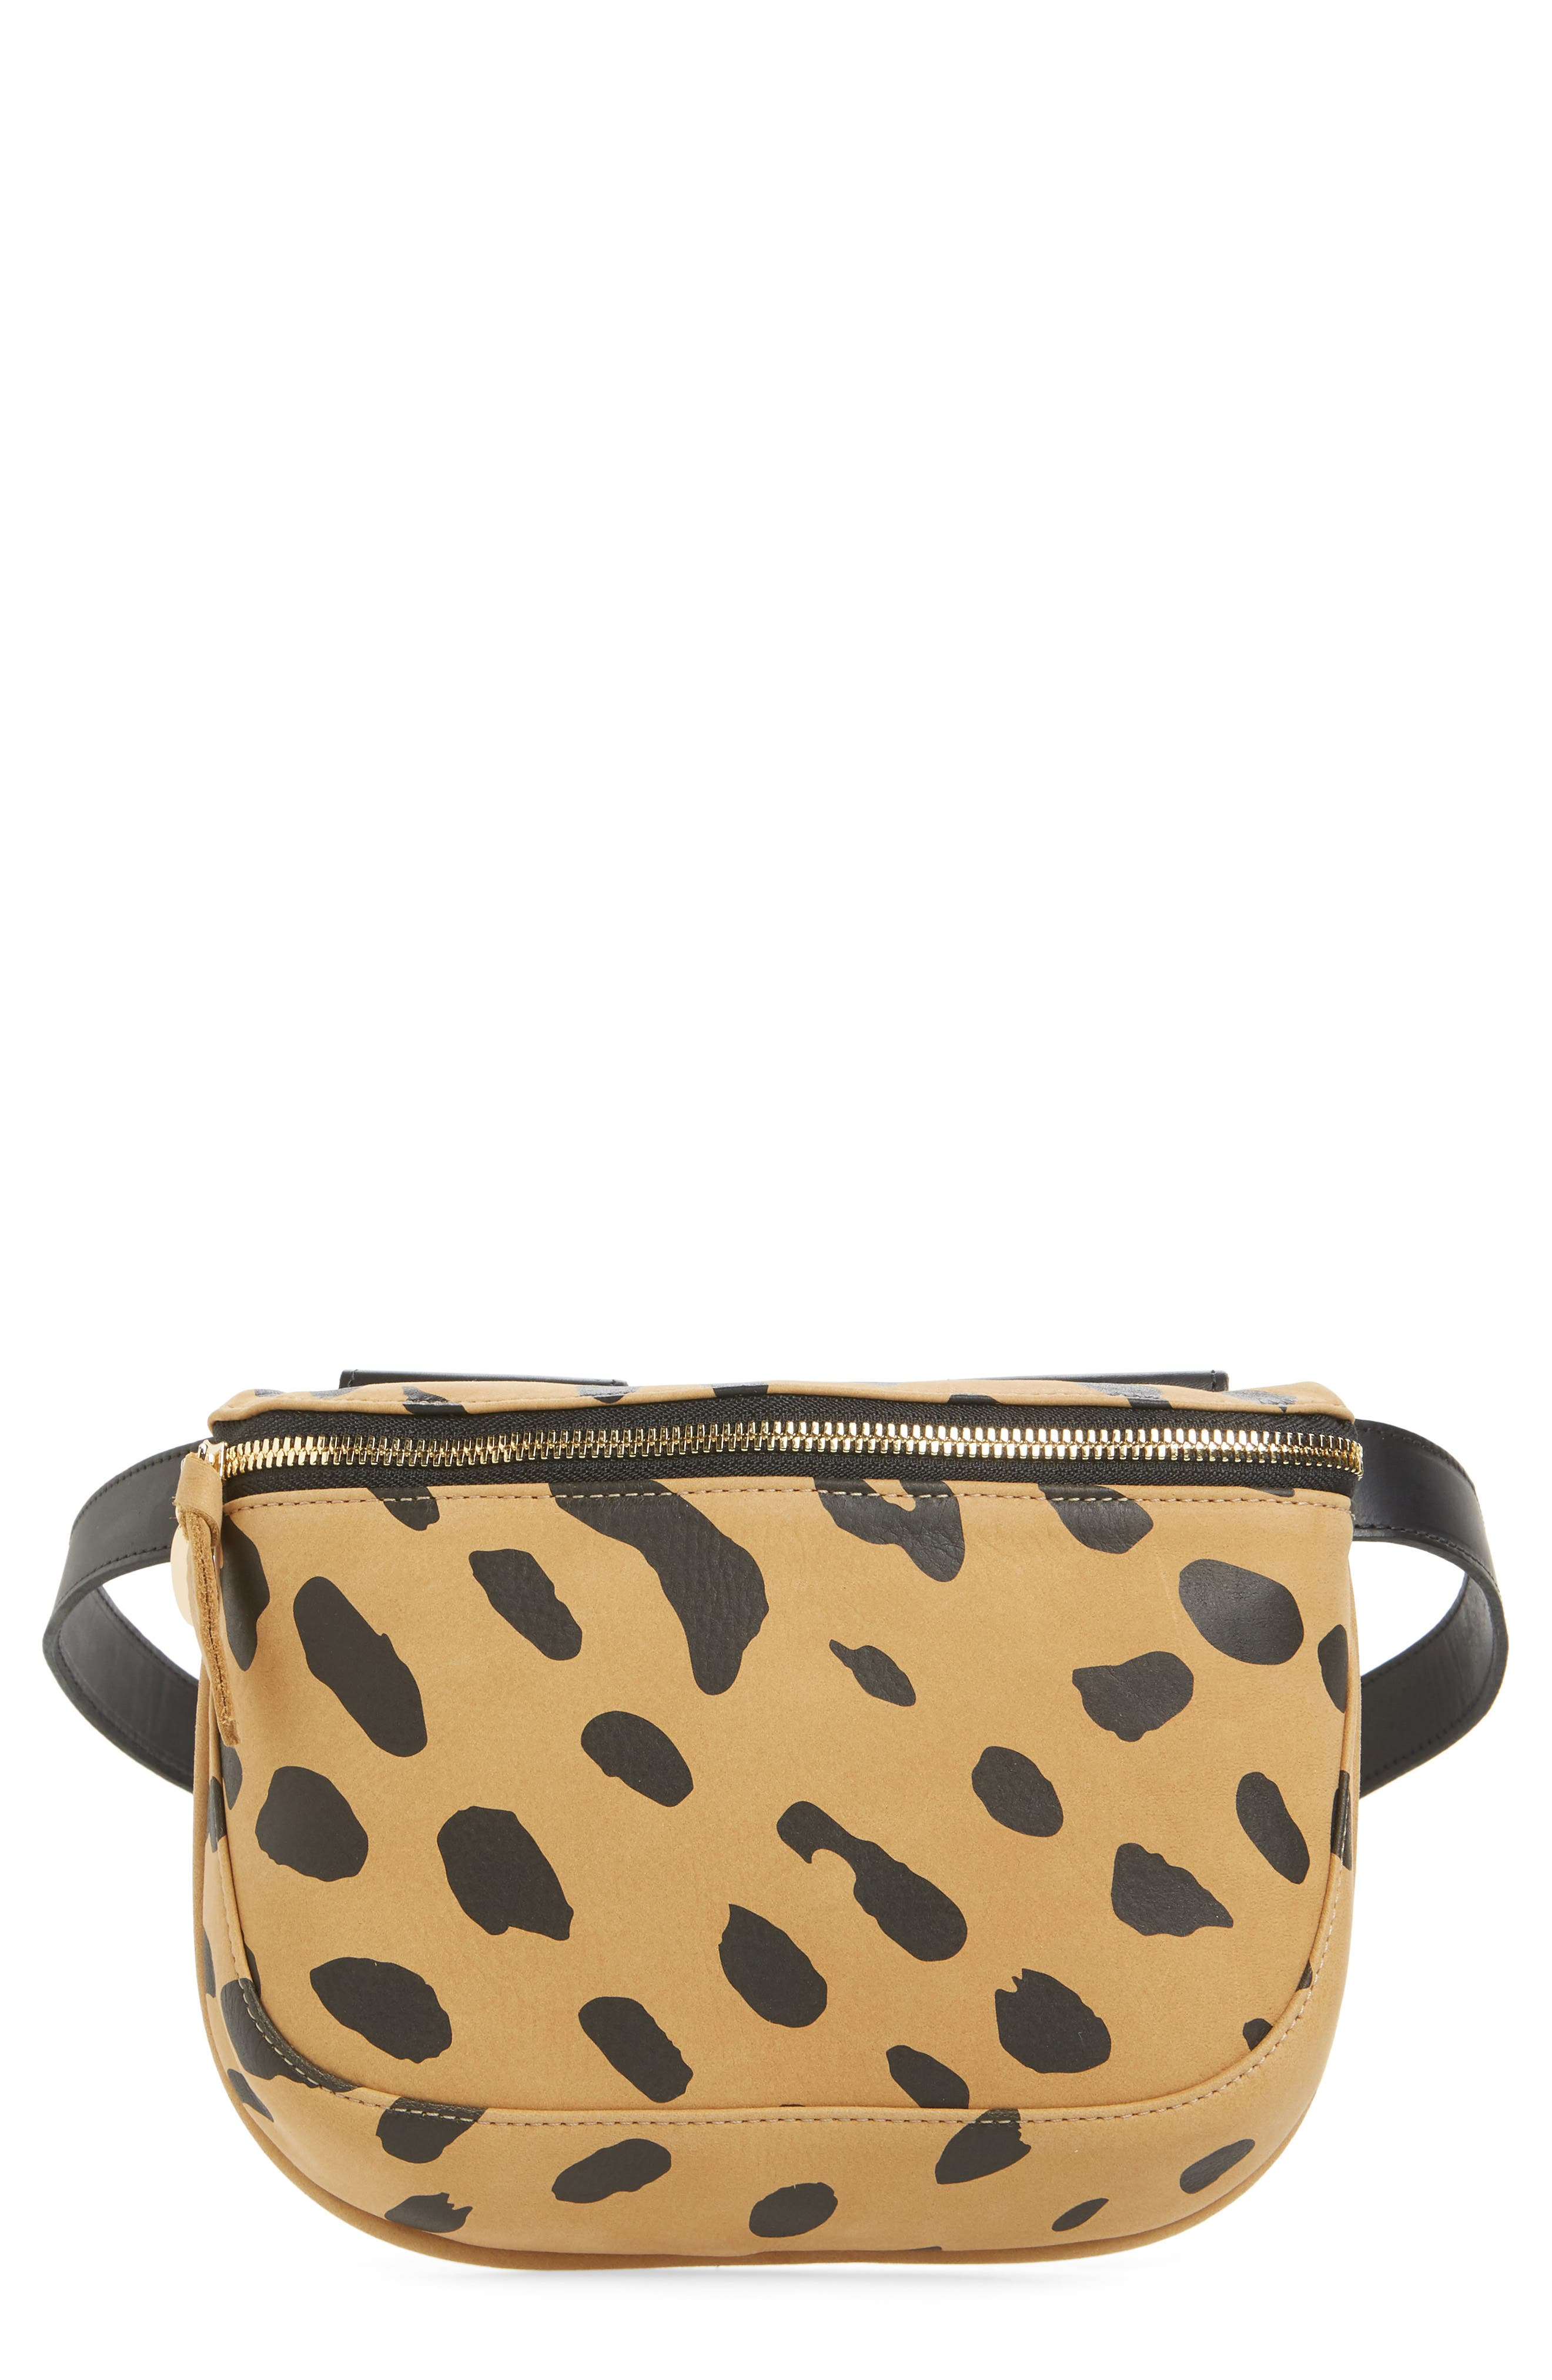 Jaguar Print Leather Fanny Pack, Main, color, CAMEL